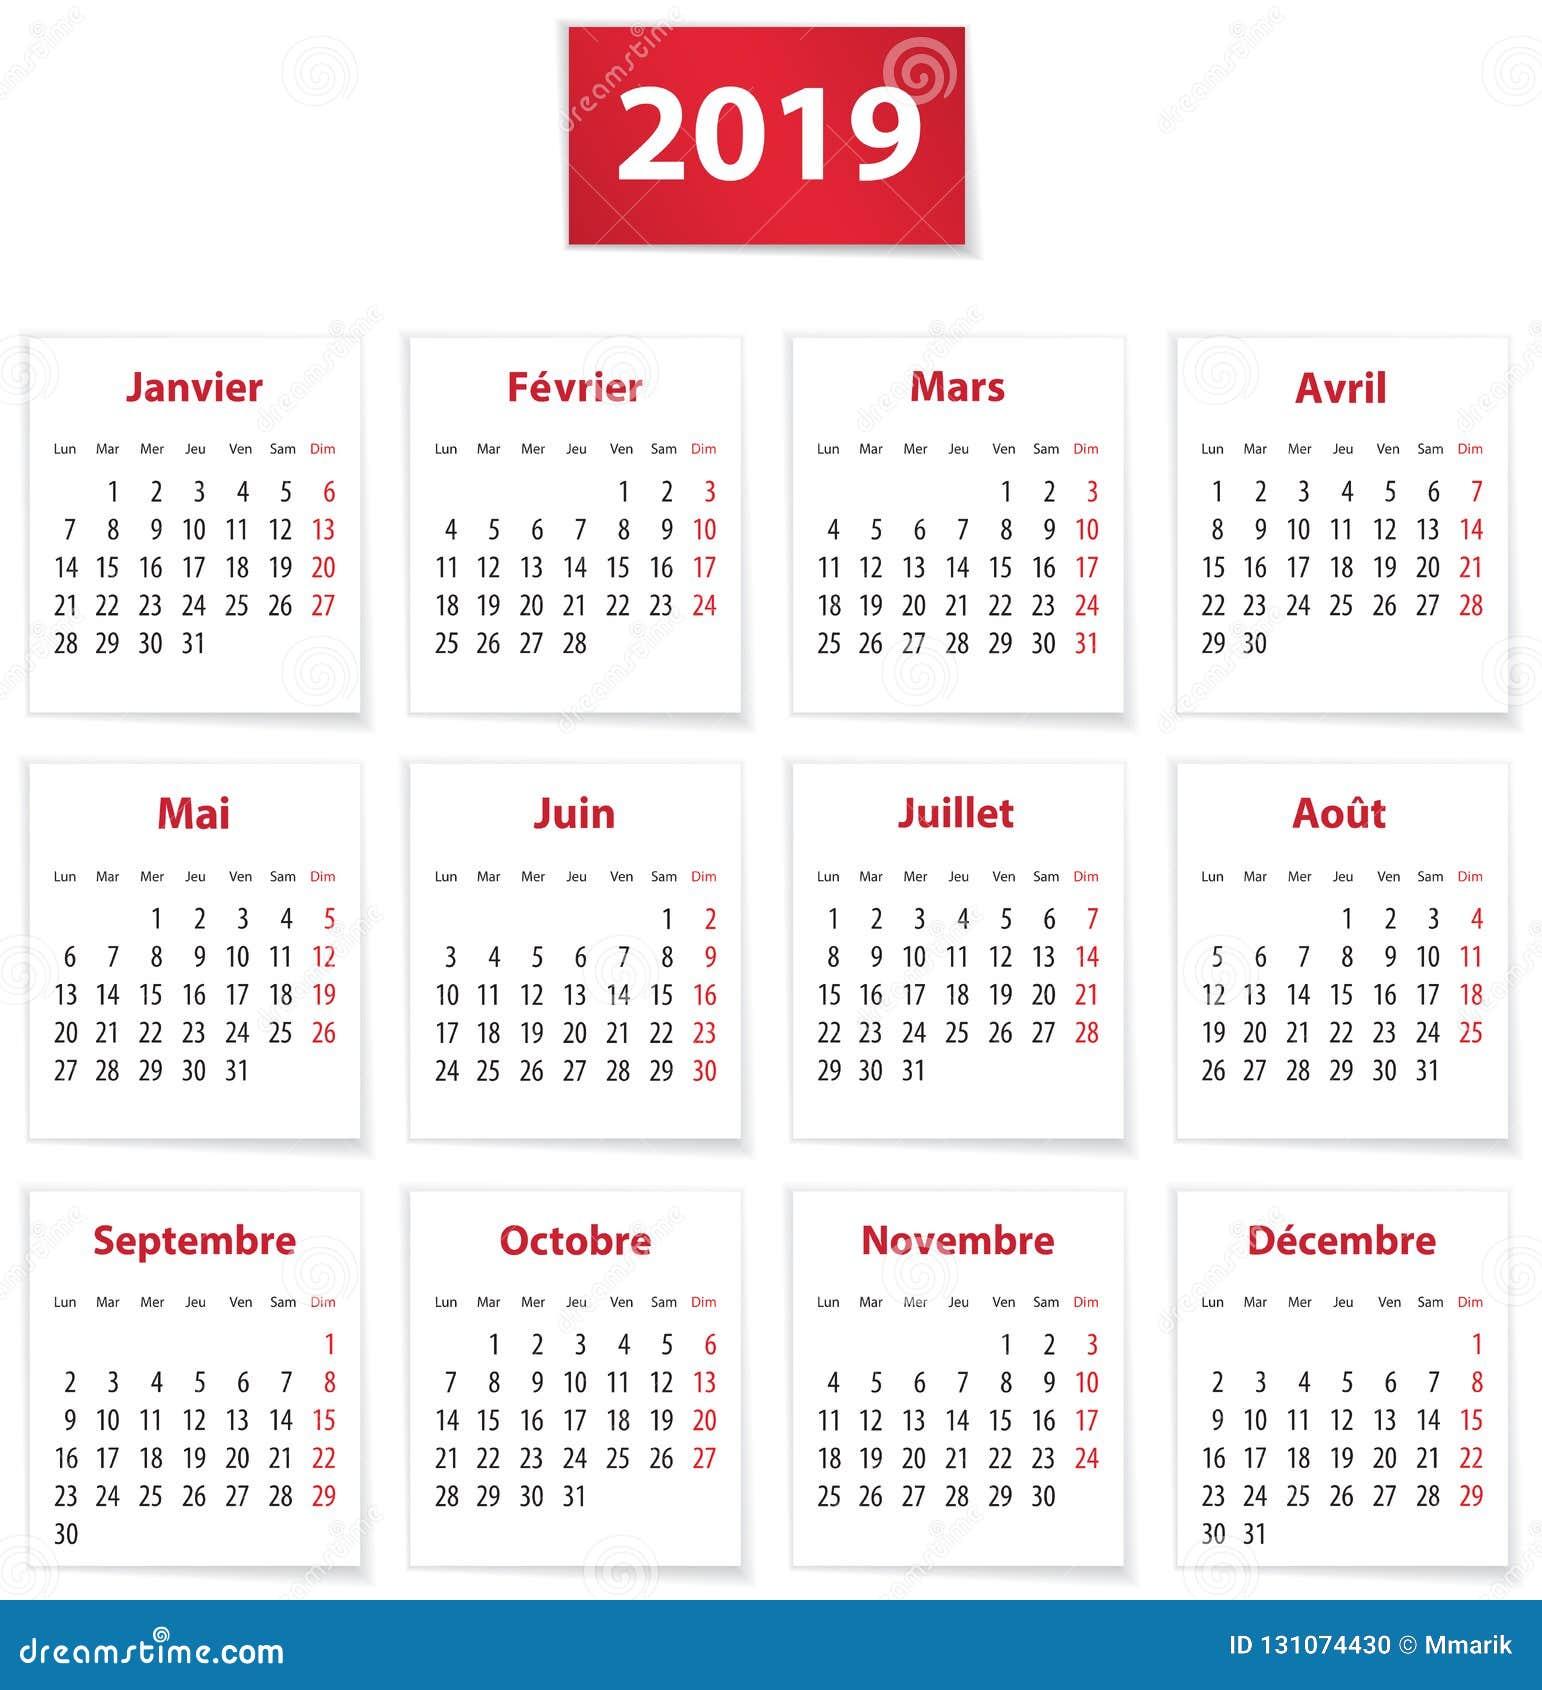 Calendrier Francais 2019.Calendrier 2019 Francais Sur Les Livres Blancs Illustration